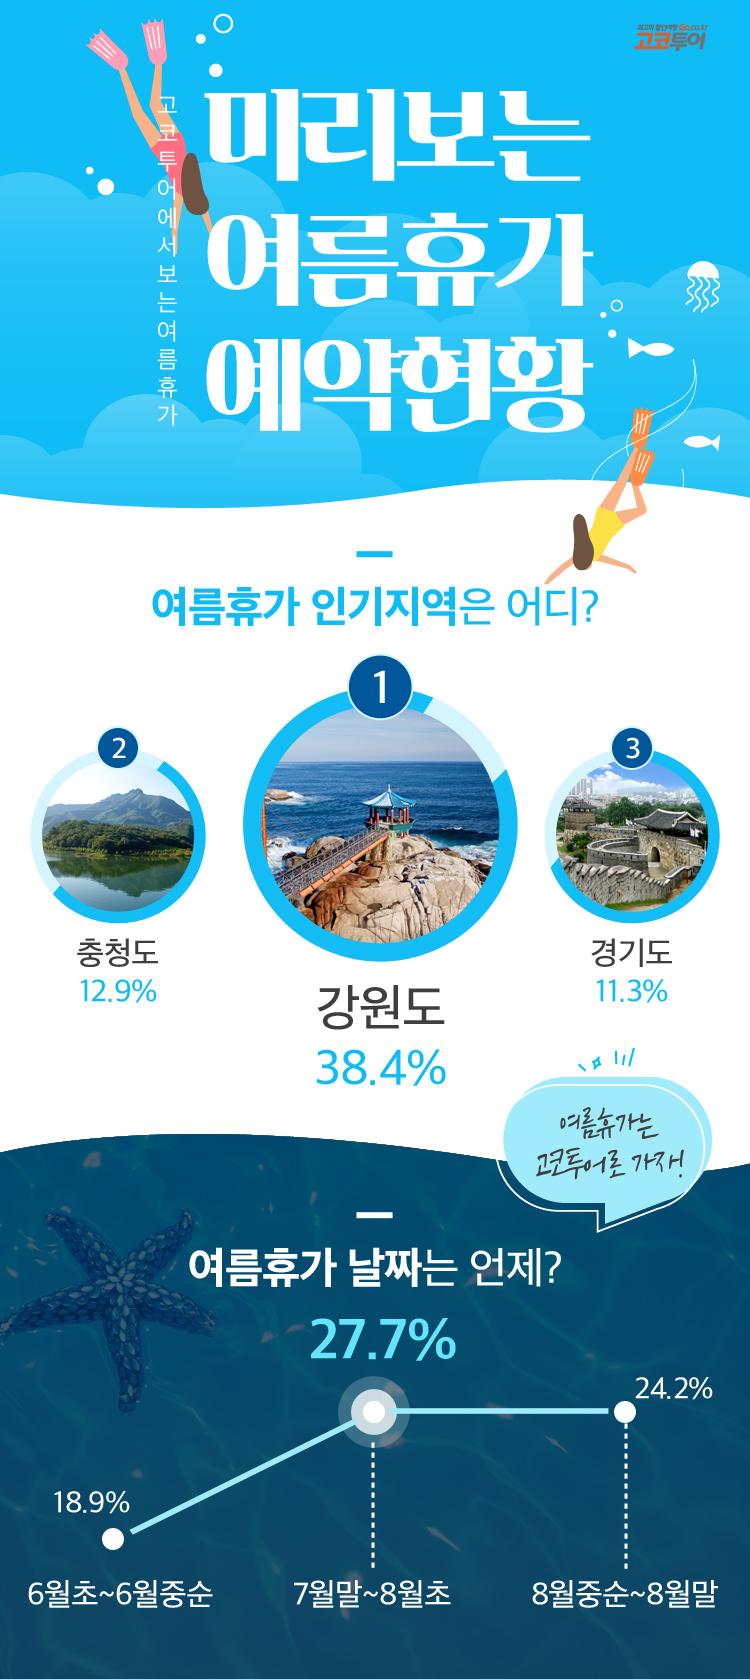 ▲ 미리보는 여름휴가 예약현황 공개, 인기지역 1위 강원도